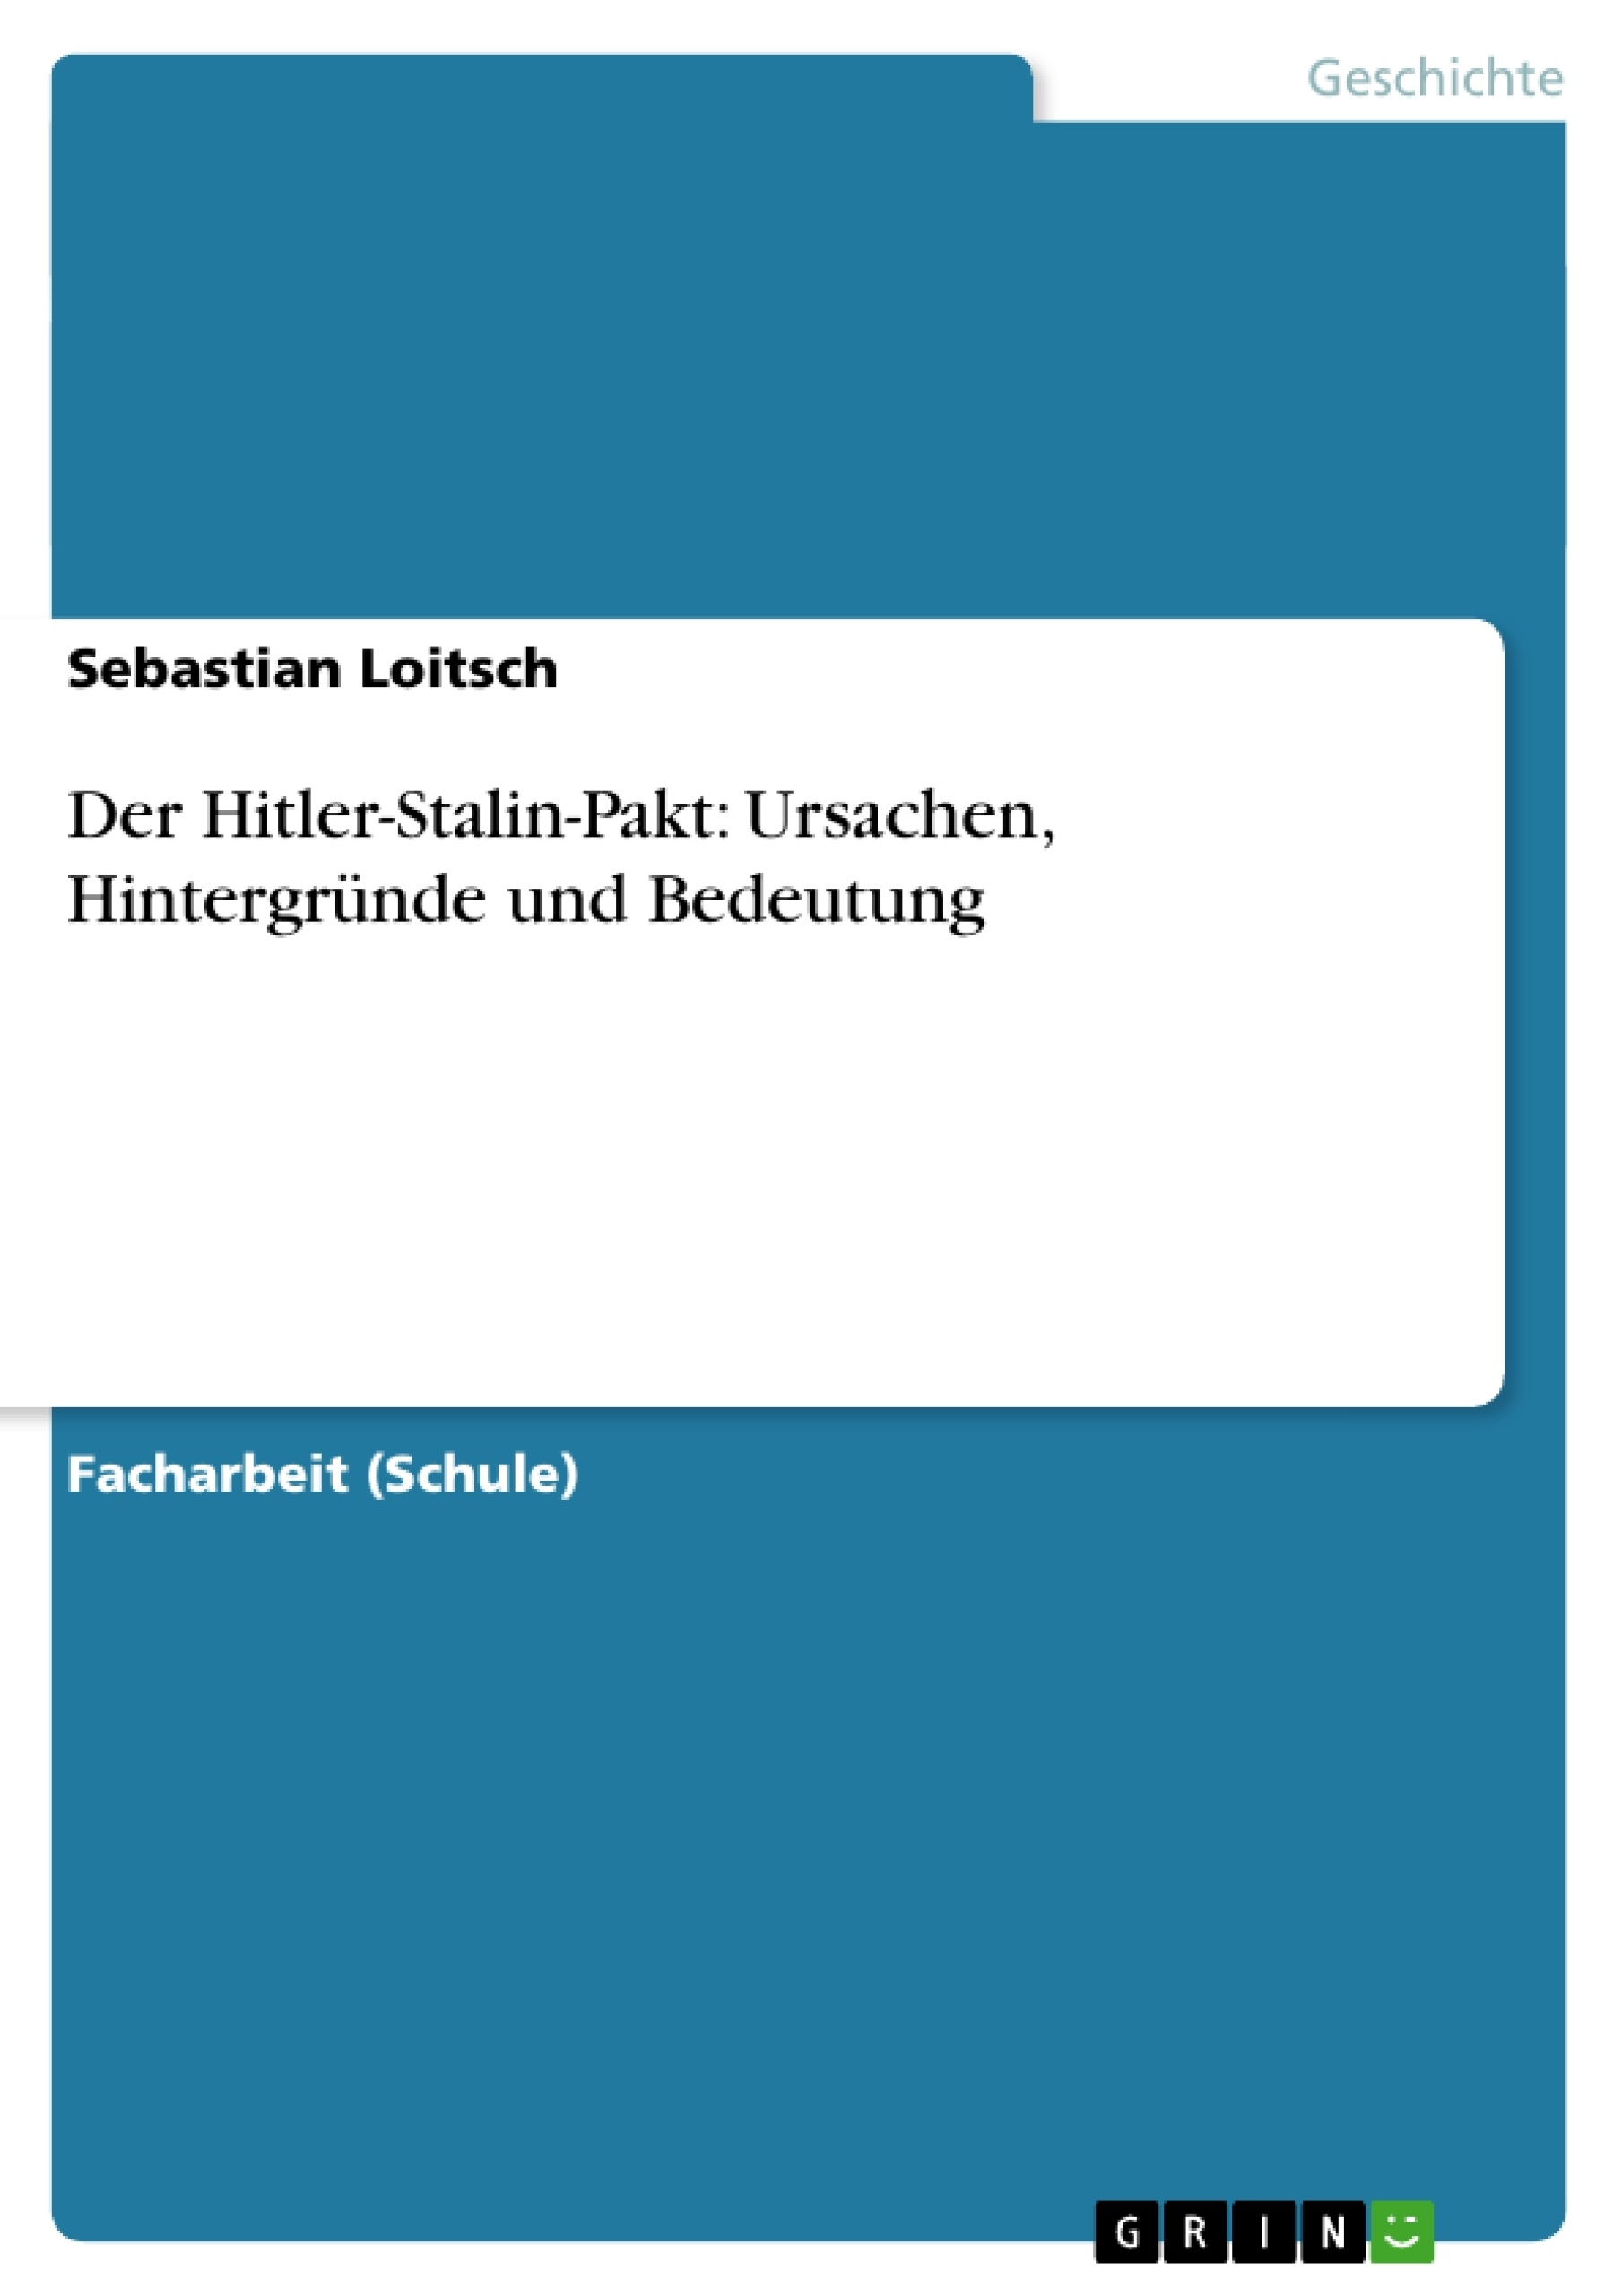 Titel: Der Hitler-Stalin-Pakt: Ursachen, Hintergründe und Bedeutung